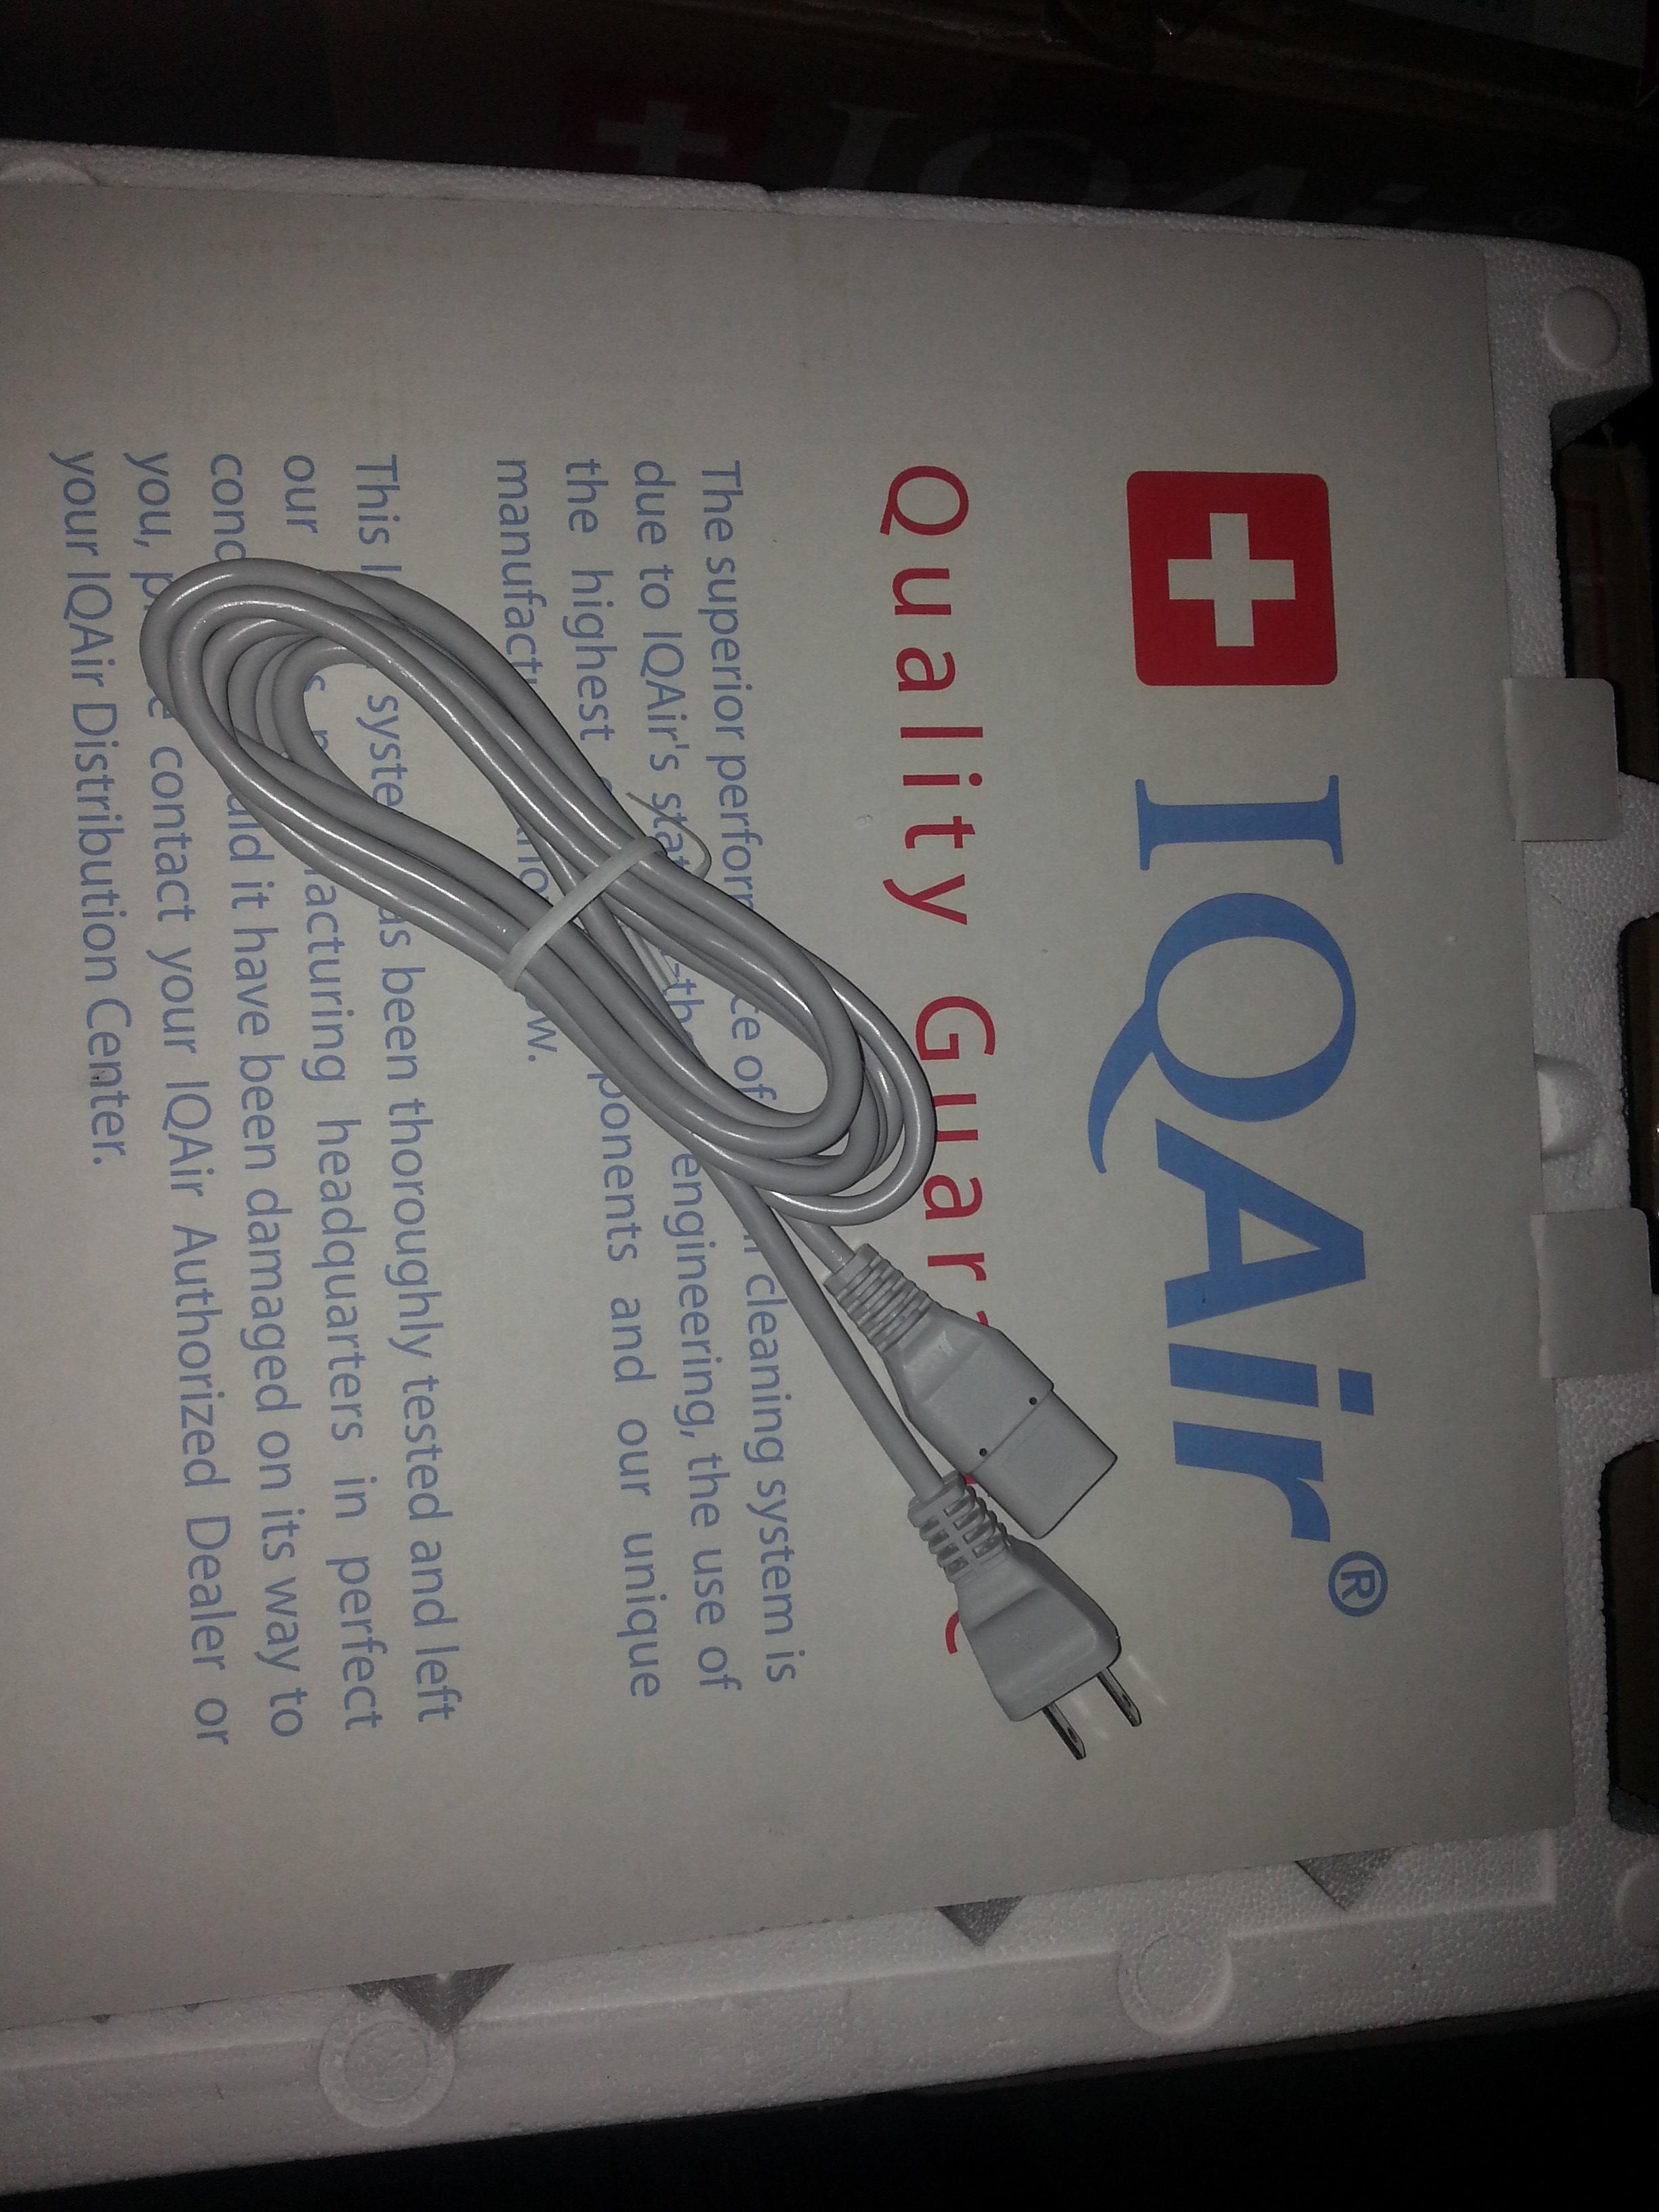 [美淘悠悠净化,加湿抽湿机配件]IQAir美国进口IQAir空气净化月销量0件仅售280元